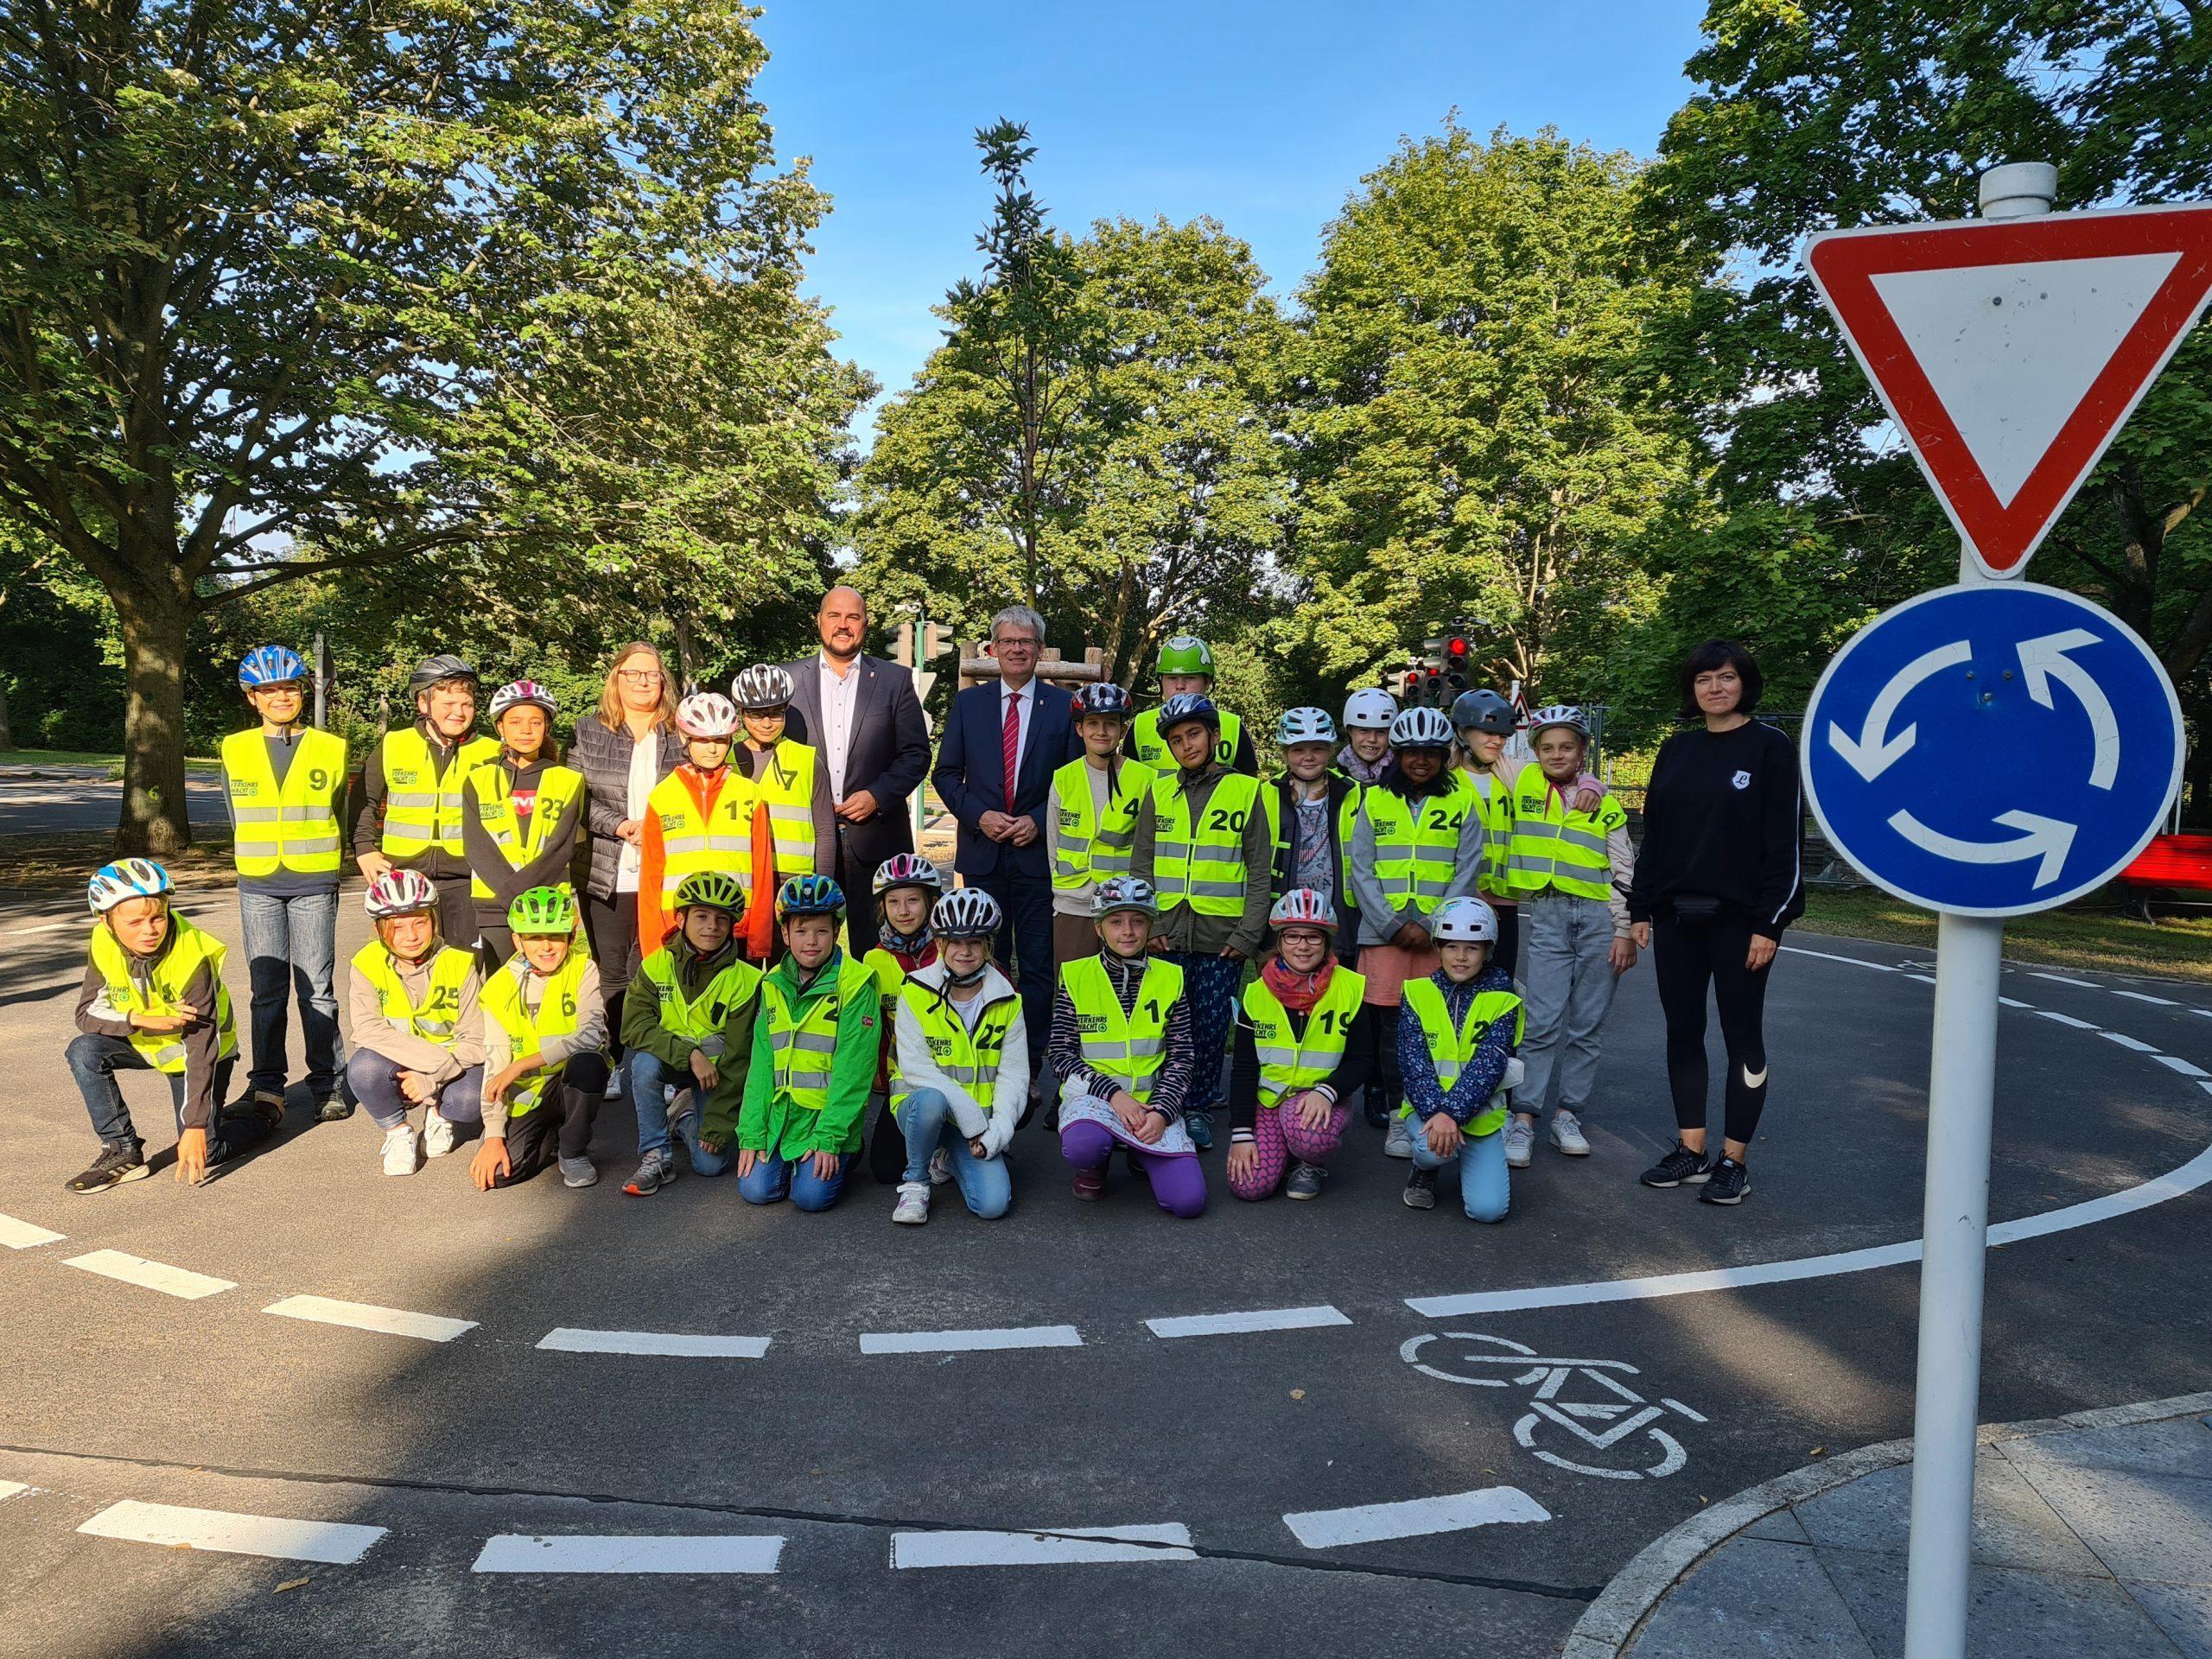 Fahrbahnsanierung in der Jugendverkehrsschule Borkzeile abgeschlossen